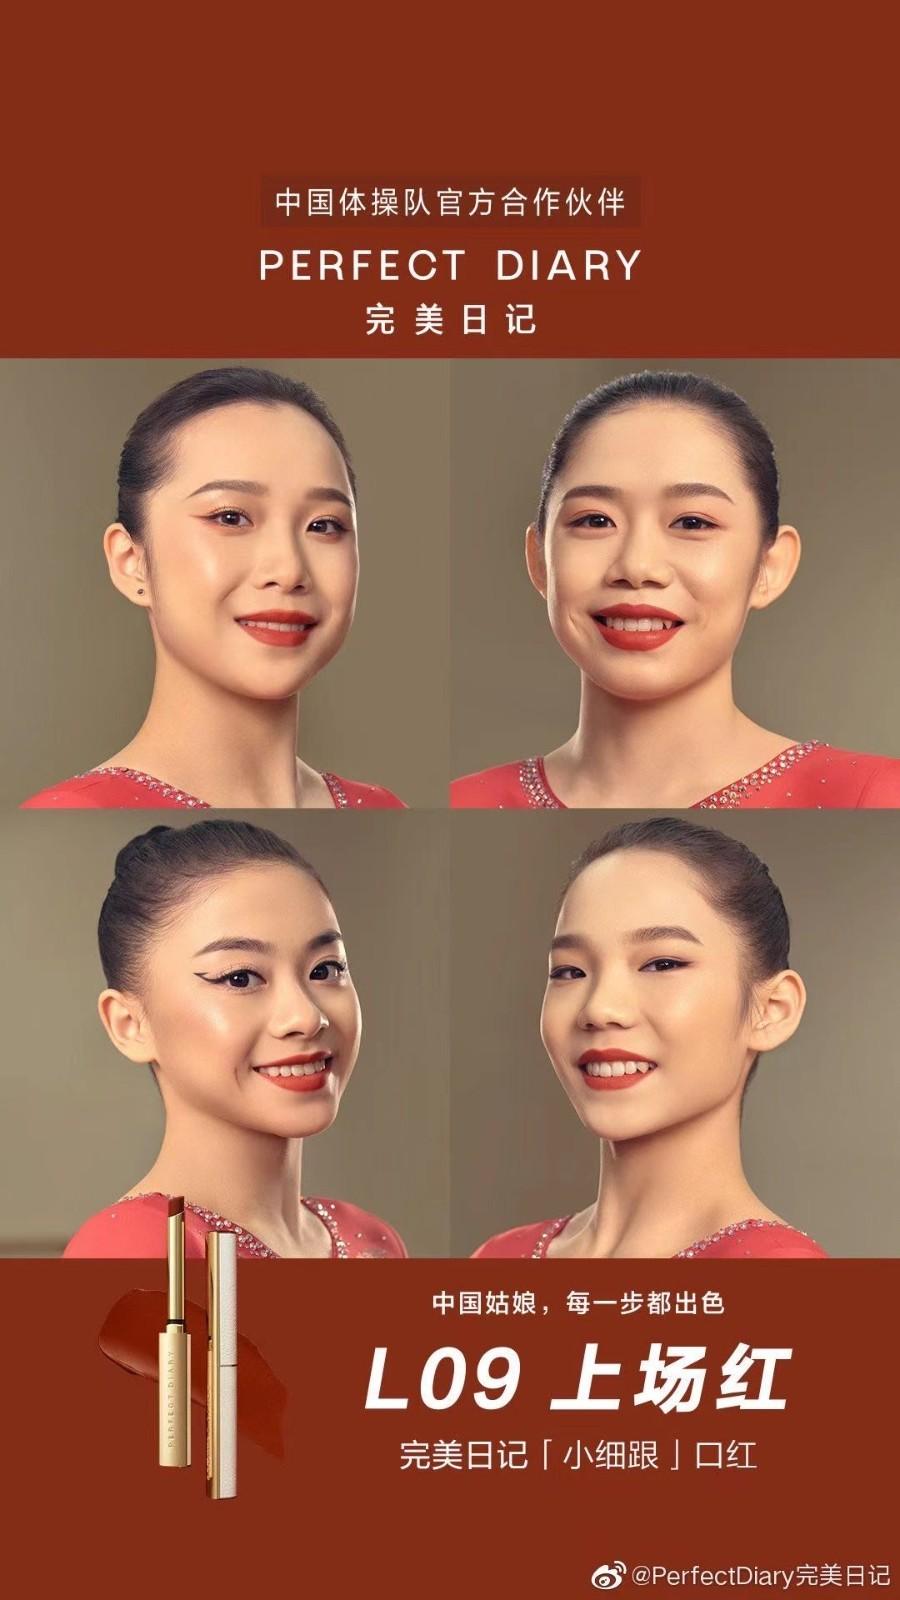 完美日记成为中国体操队官方合作伙伴